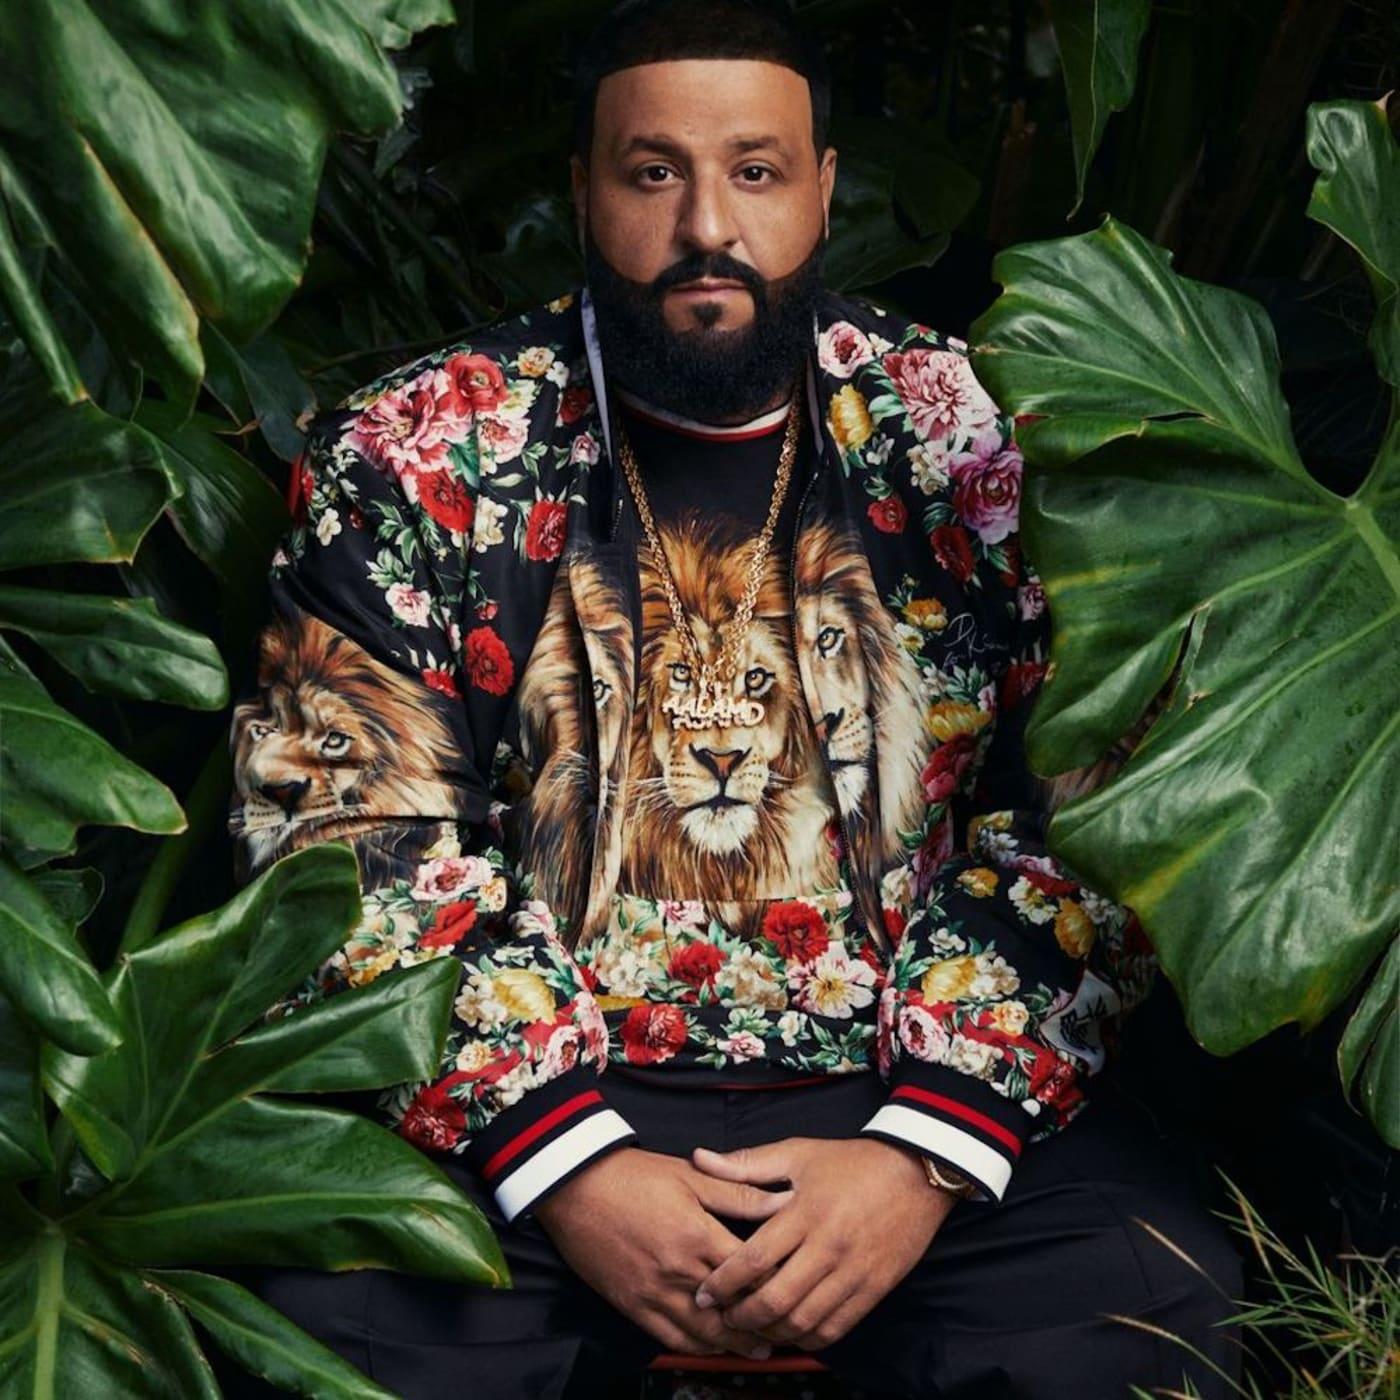 Khaled x DG